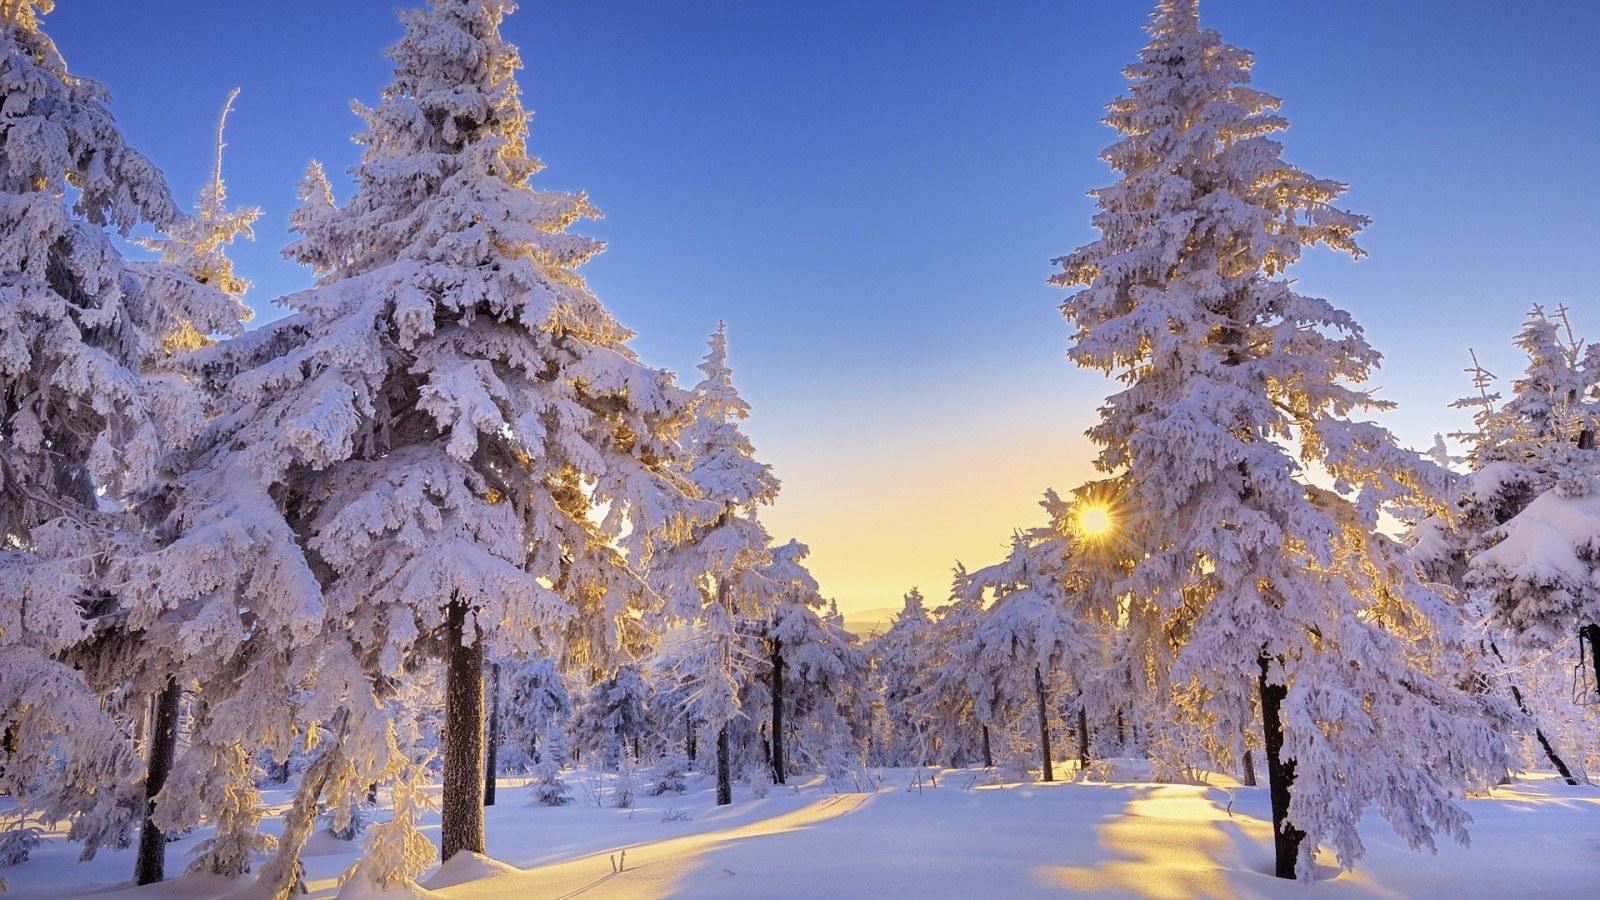 germany-winter-landscape-widescreen-wide